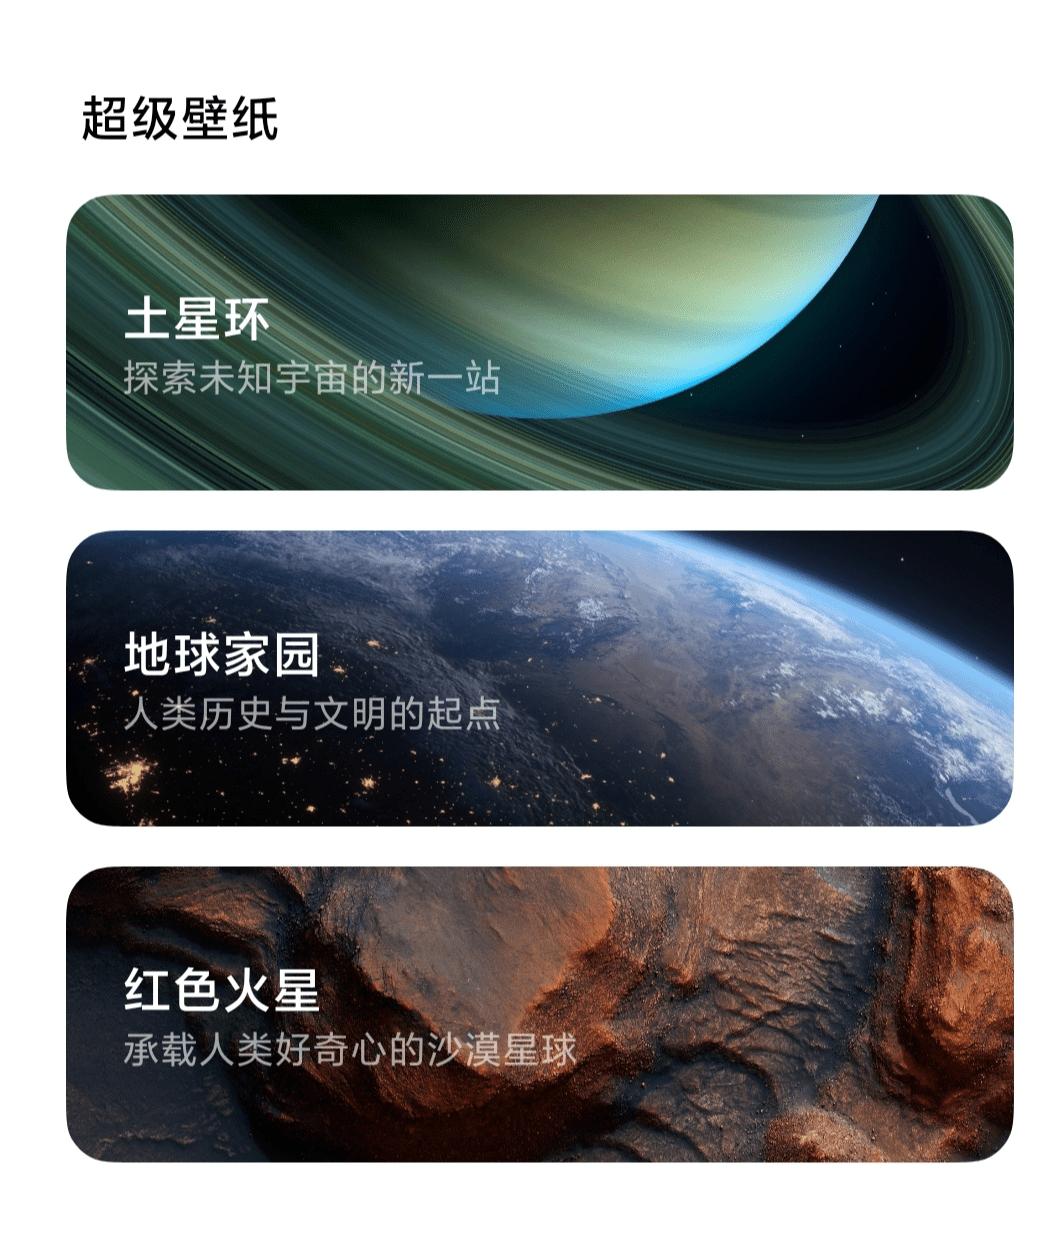 来了!小米10U土星超级壁纸下放,其他机型终于也能体验